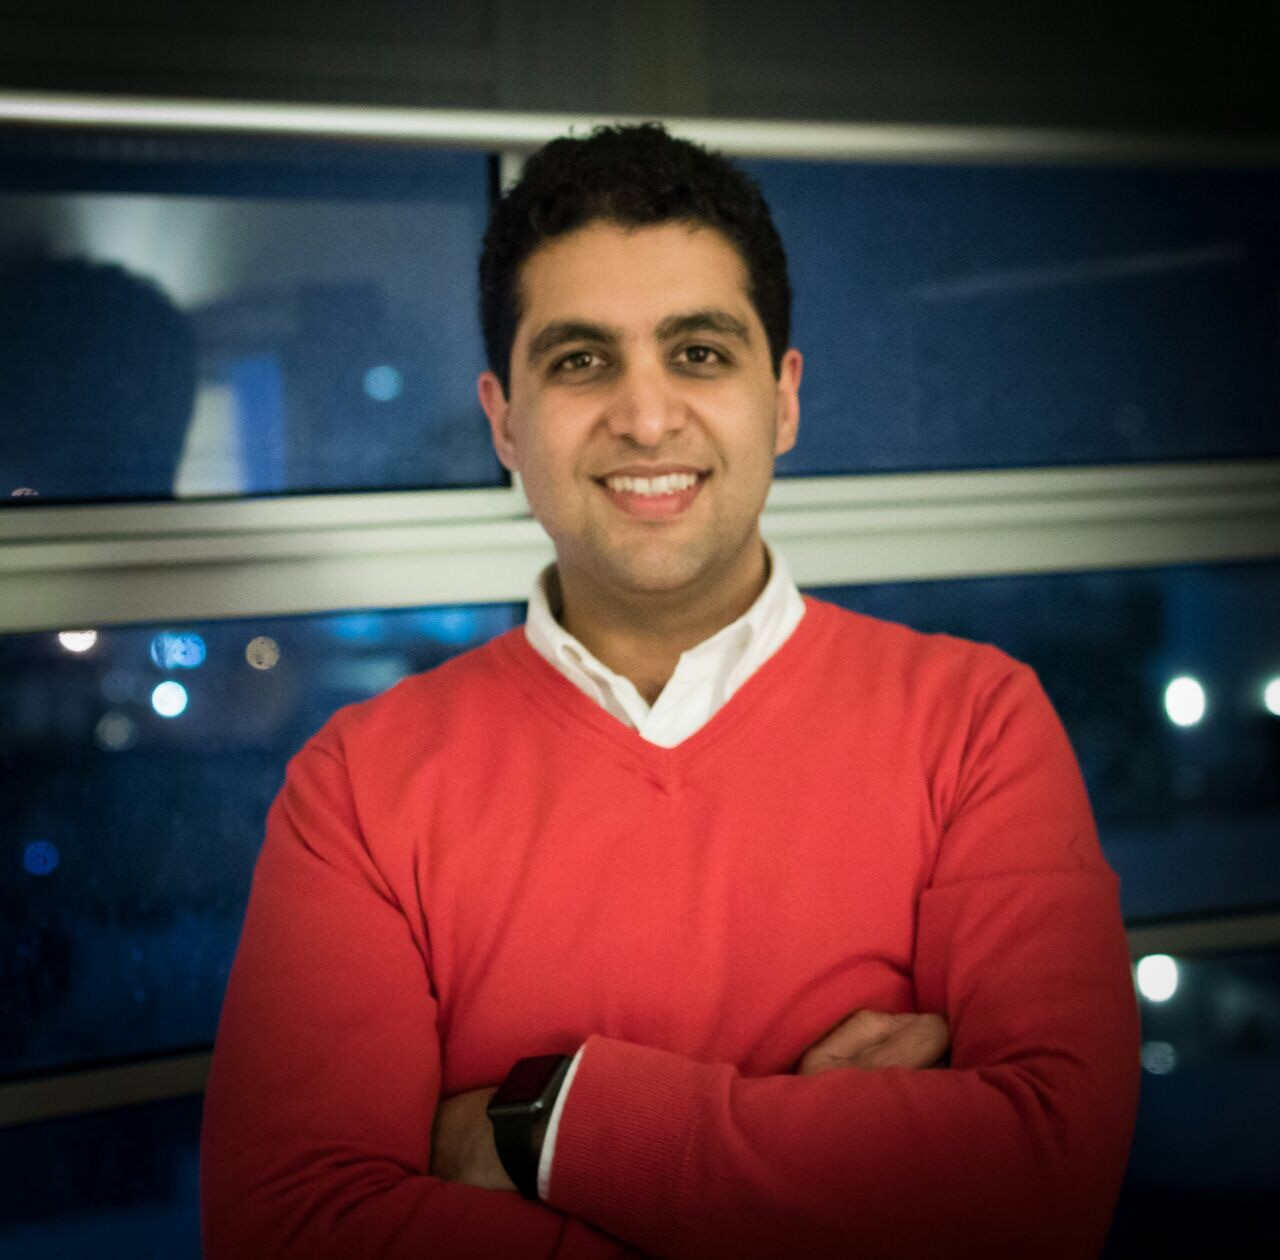 Shahab Arabshahi